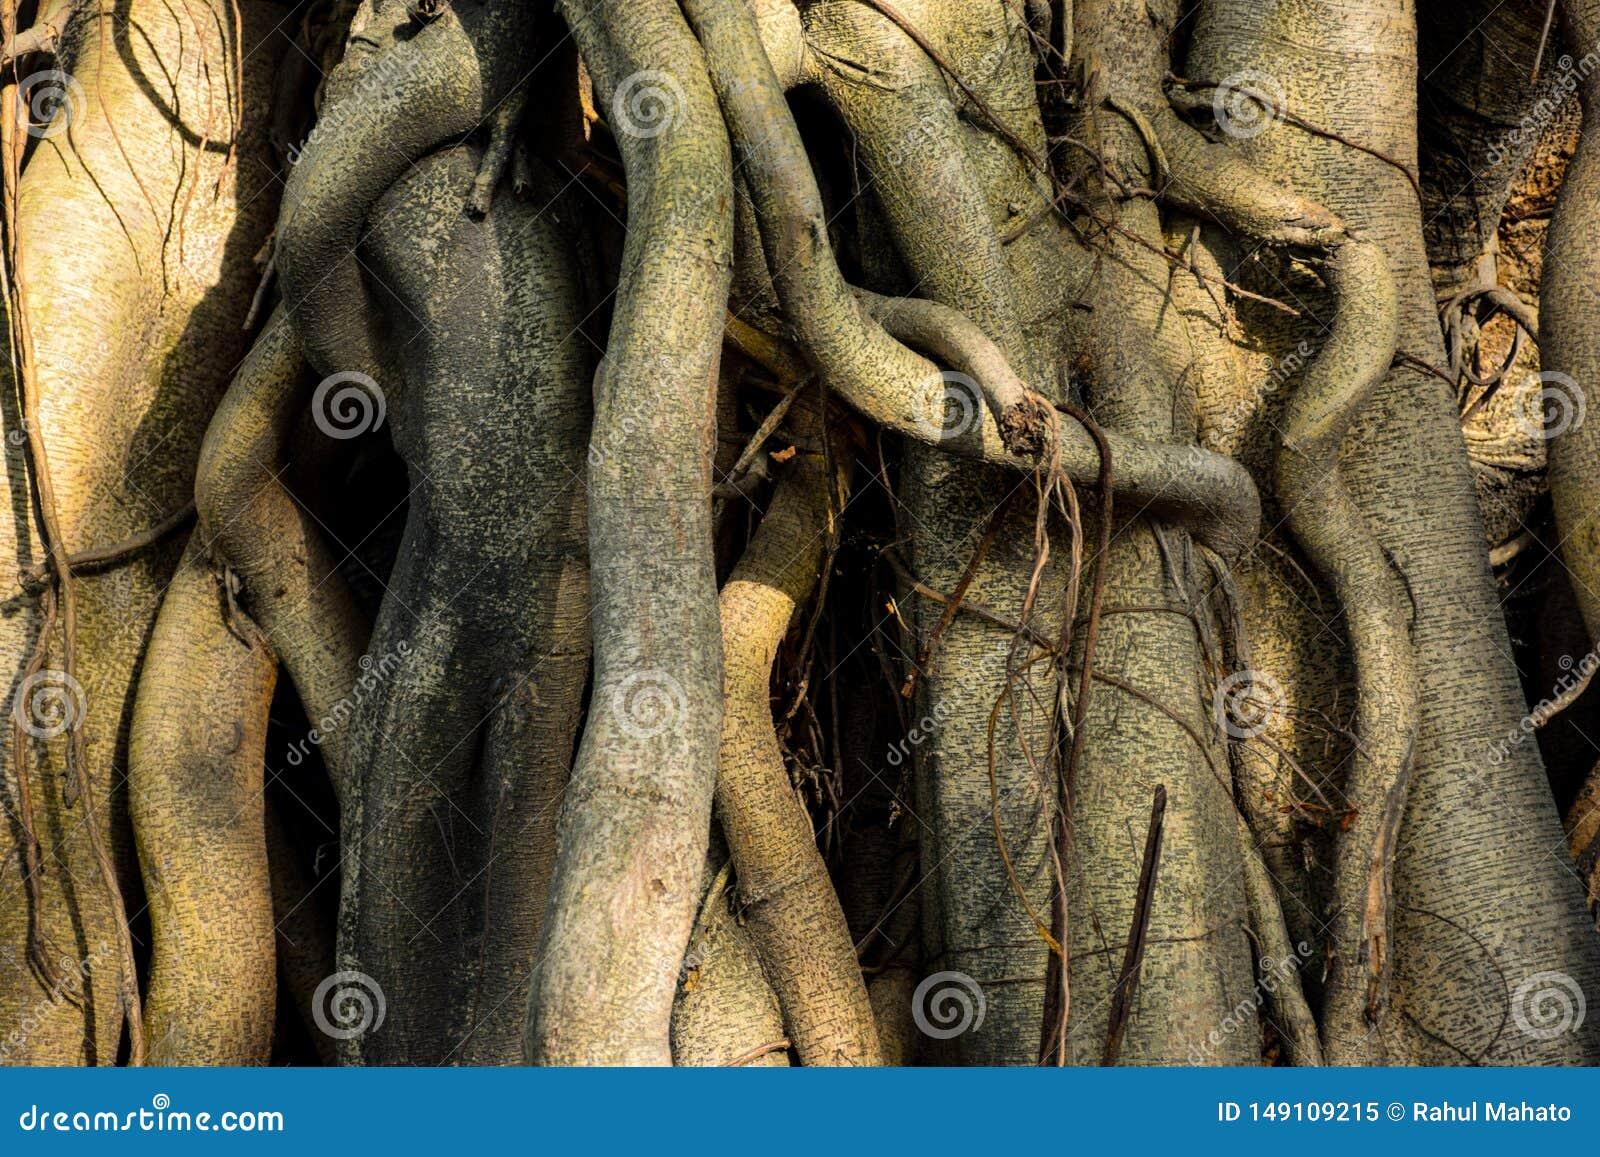 Κινηματογράφηση σε πρώτο πλάνο ριζών δέντρων Banyan στο φως του ήλιου πρωινού στη δυτική Βεγγάλη Ινδία